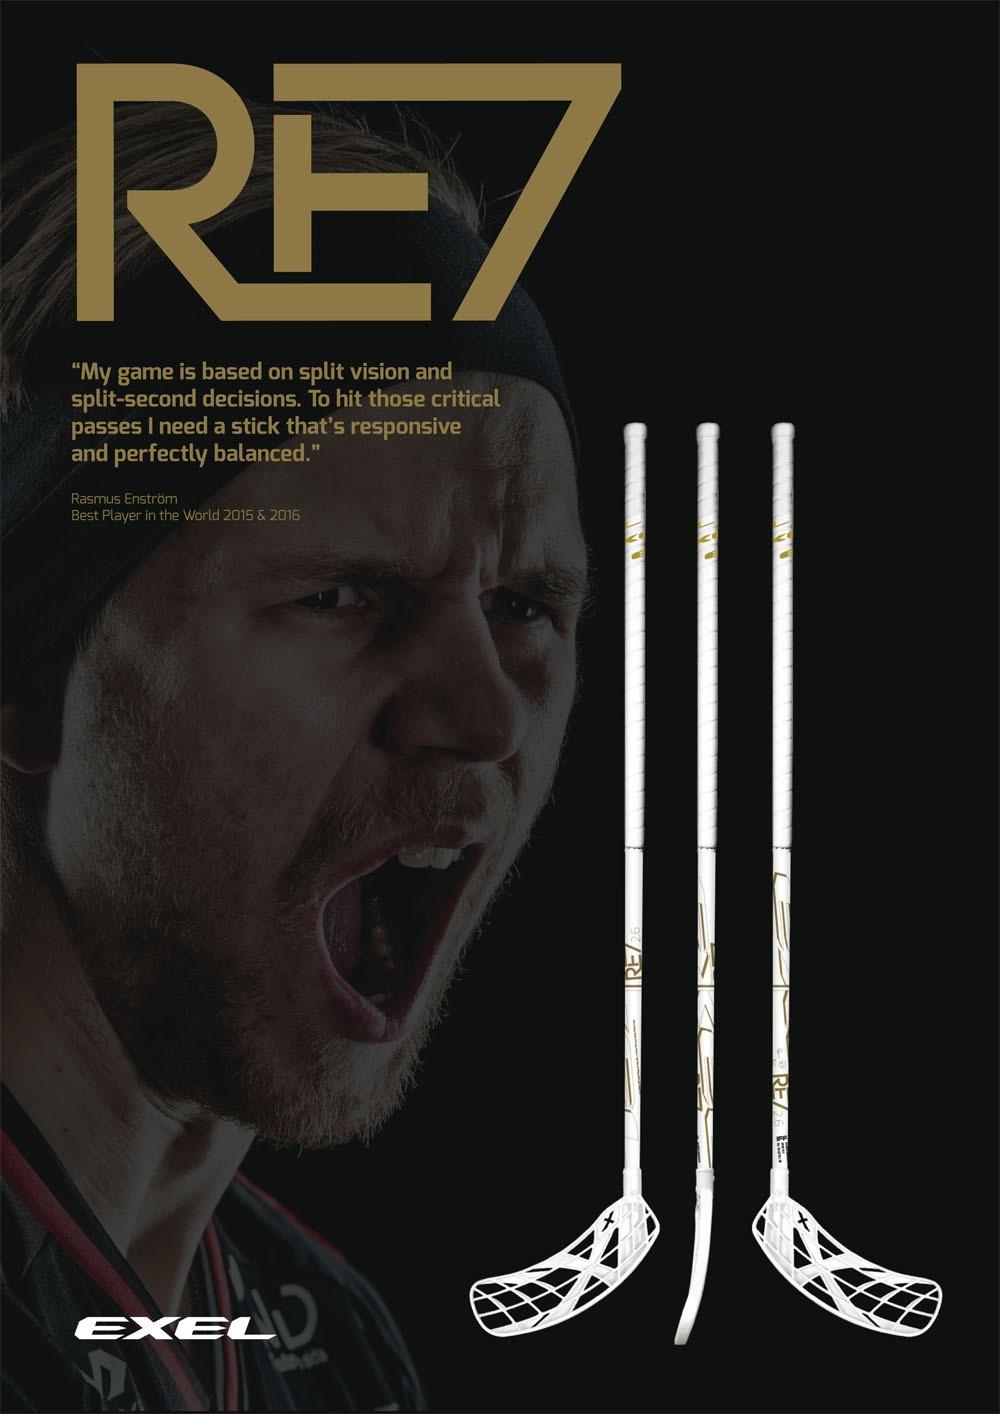 Exel RE7 Rasmus Enström White Edition 2.6